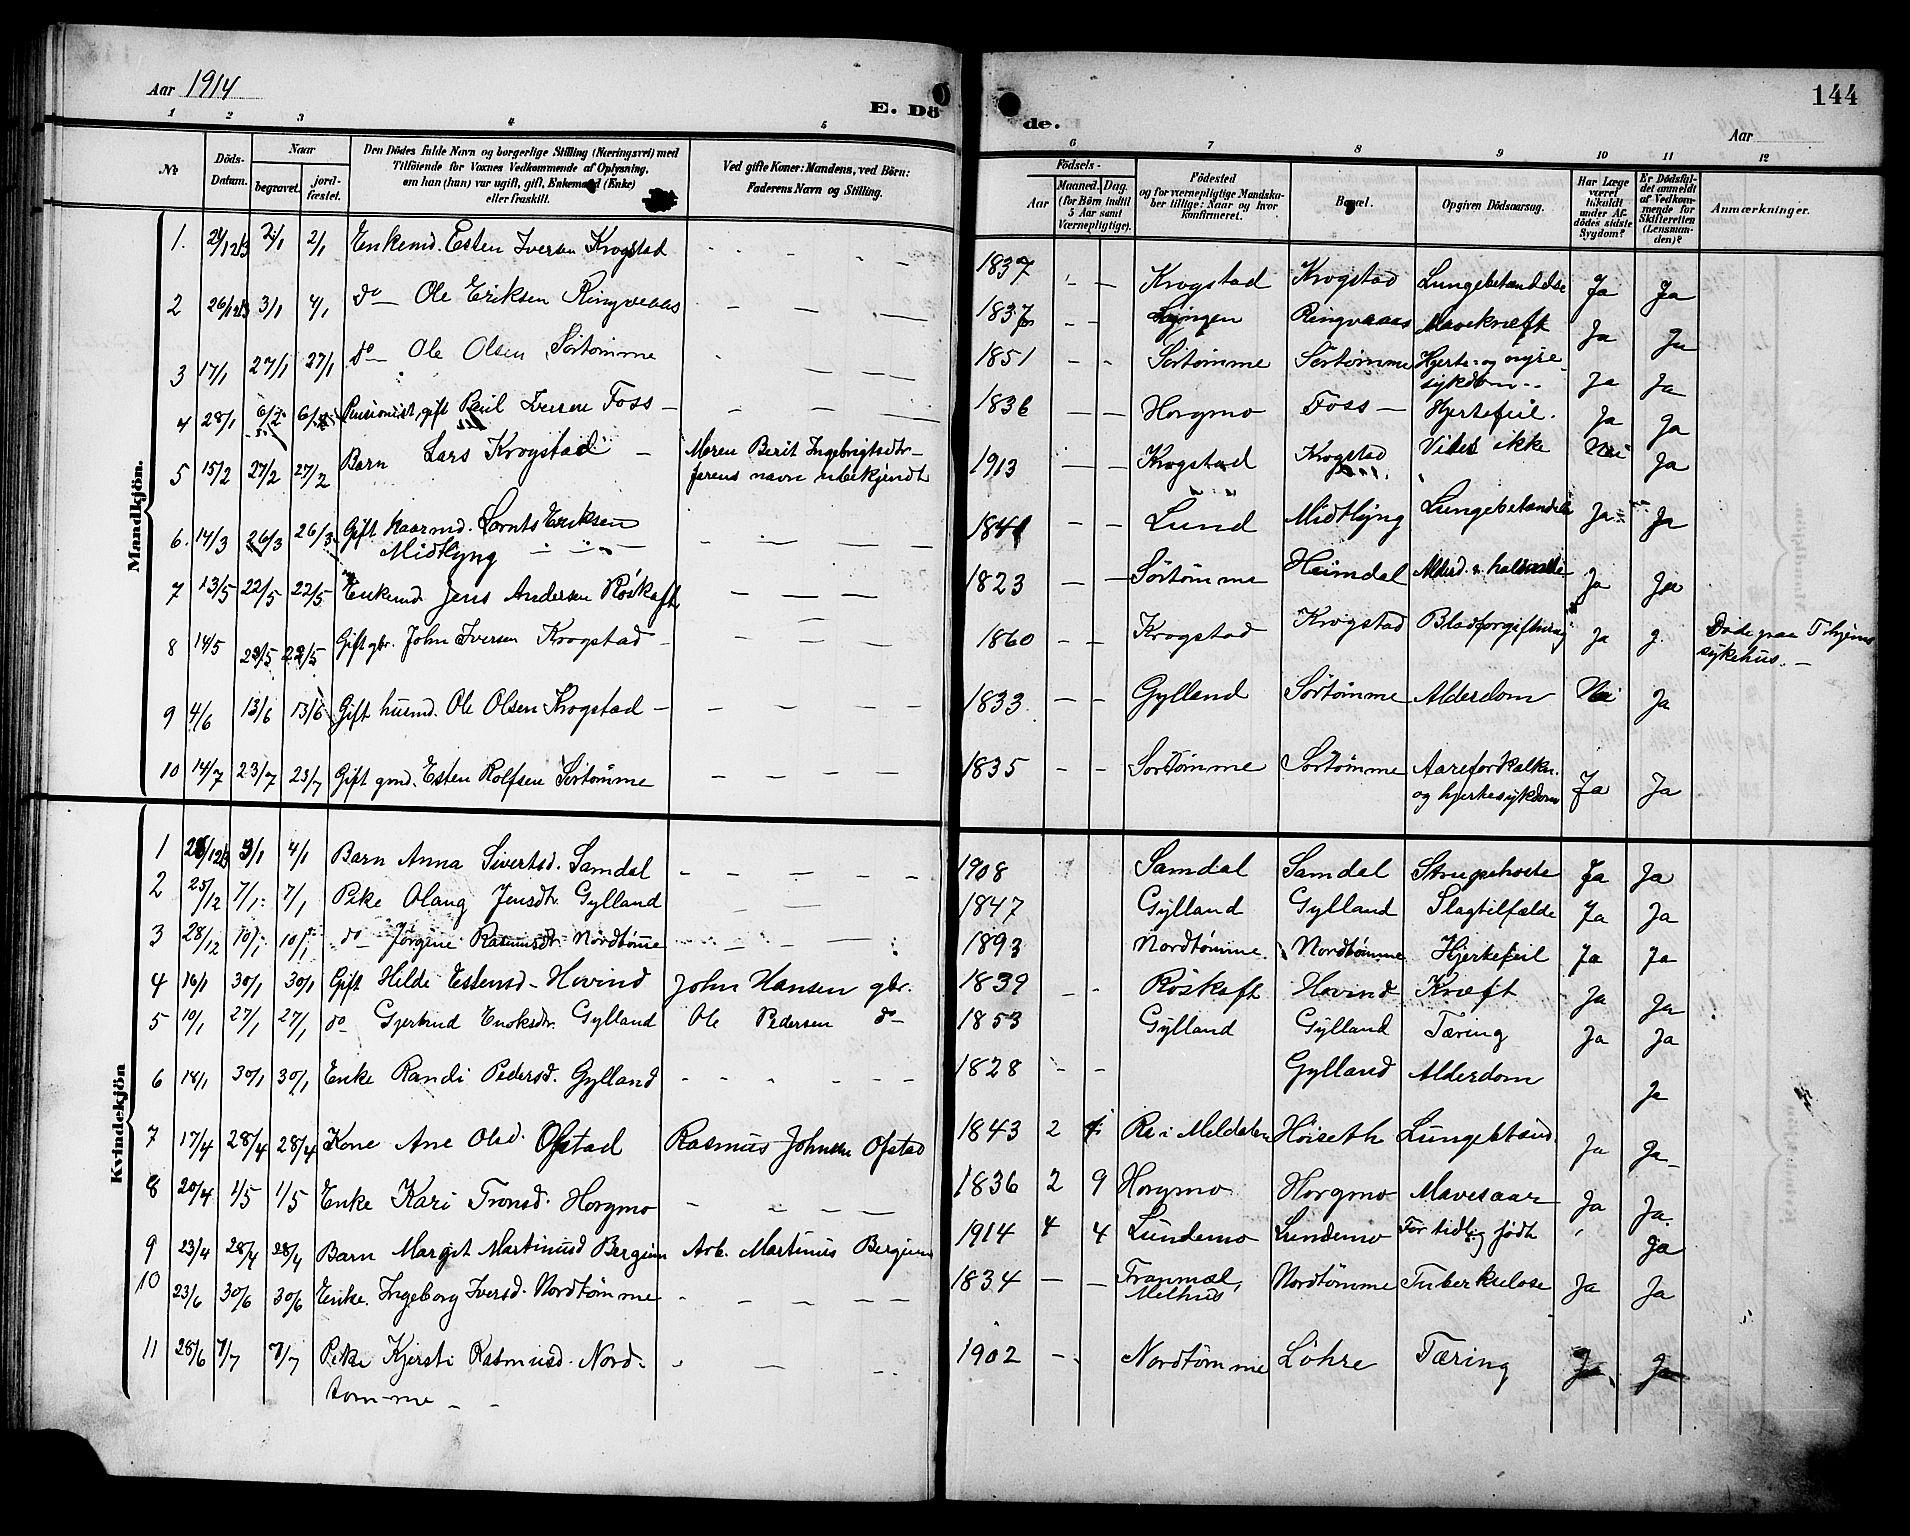 SAT, Ministerialprotokoller, klokkerbøker og fødselsregistre - Sør-Trøndelag, 692/L1112: Klokkerbok nr. 692C07, 1904-1918, s. 144